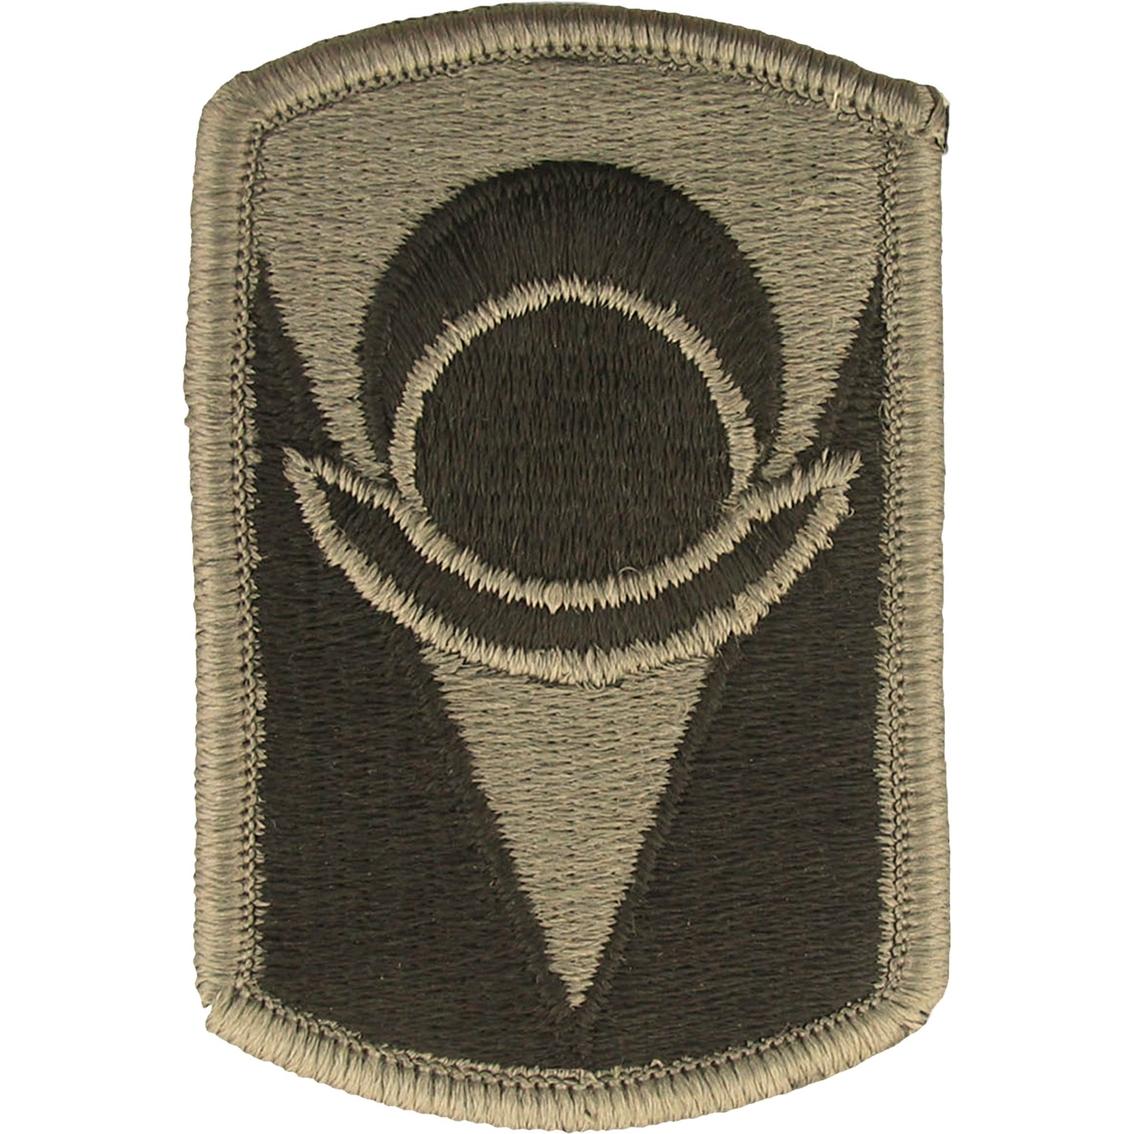 Army Unit Patch 53rd Infantry Brigade (ocp)  82ebb0b46e2